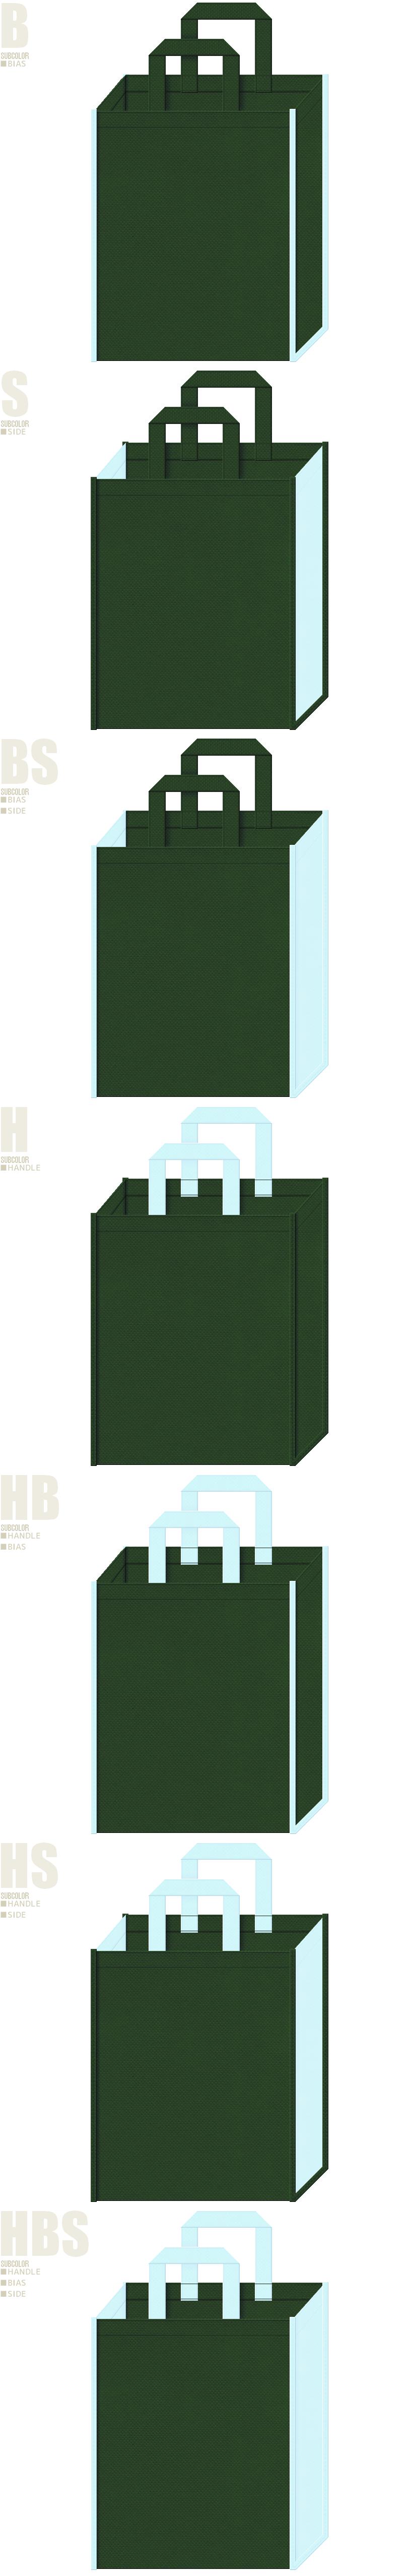 ビオトープ・水耕栽培・野菜工場・噴水・エクステリア・水と環境・水資源・環境イベント・ミント・歯科・医療施設・医療器具・薬局・医薬品の展示会用バッグにお奨め不織布バッグデザイン:濃緑色と水色の配色7パターン